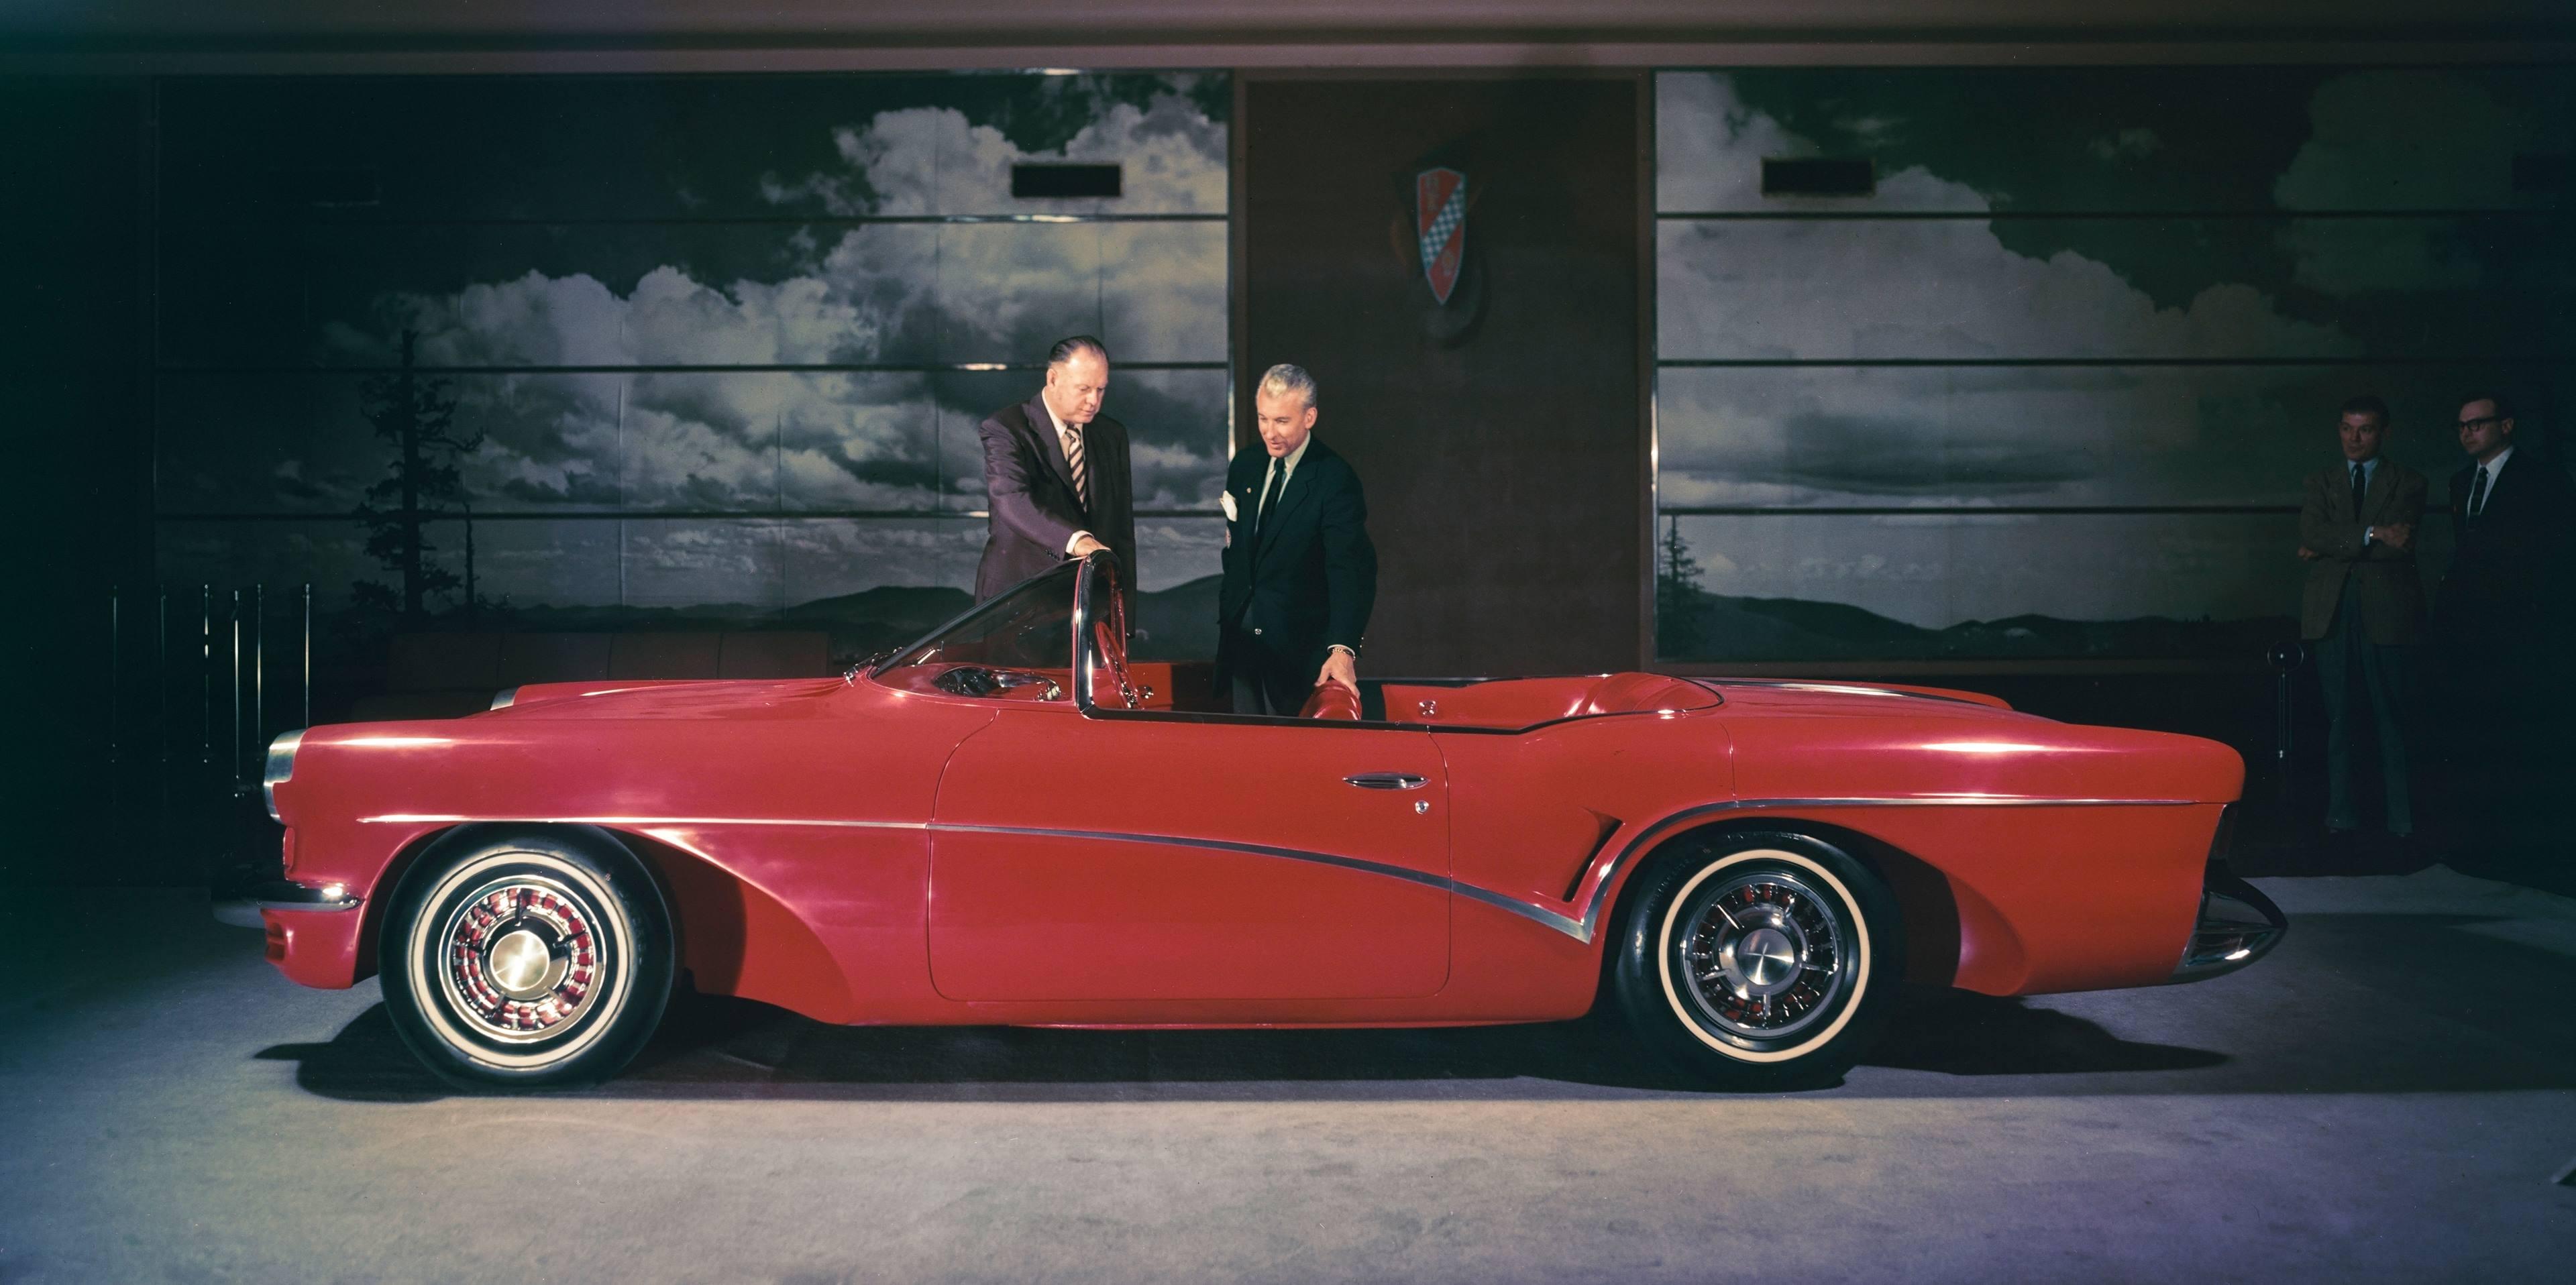 Buick Wildcat III concept with Harley Earl